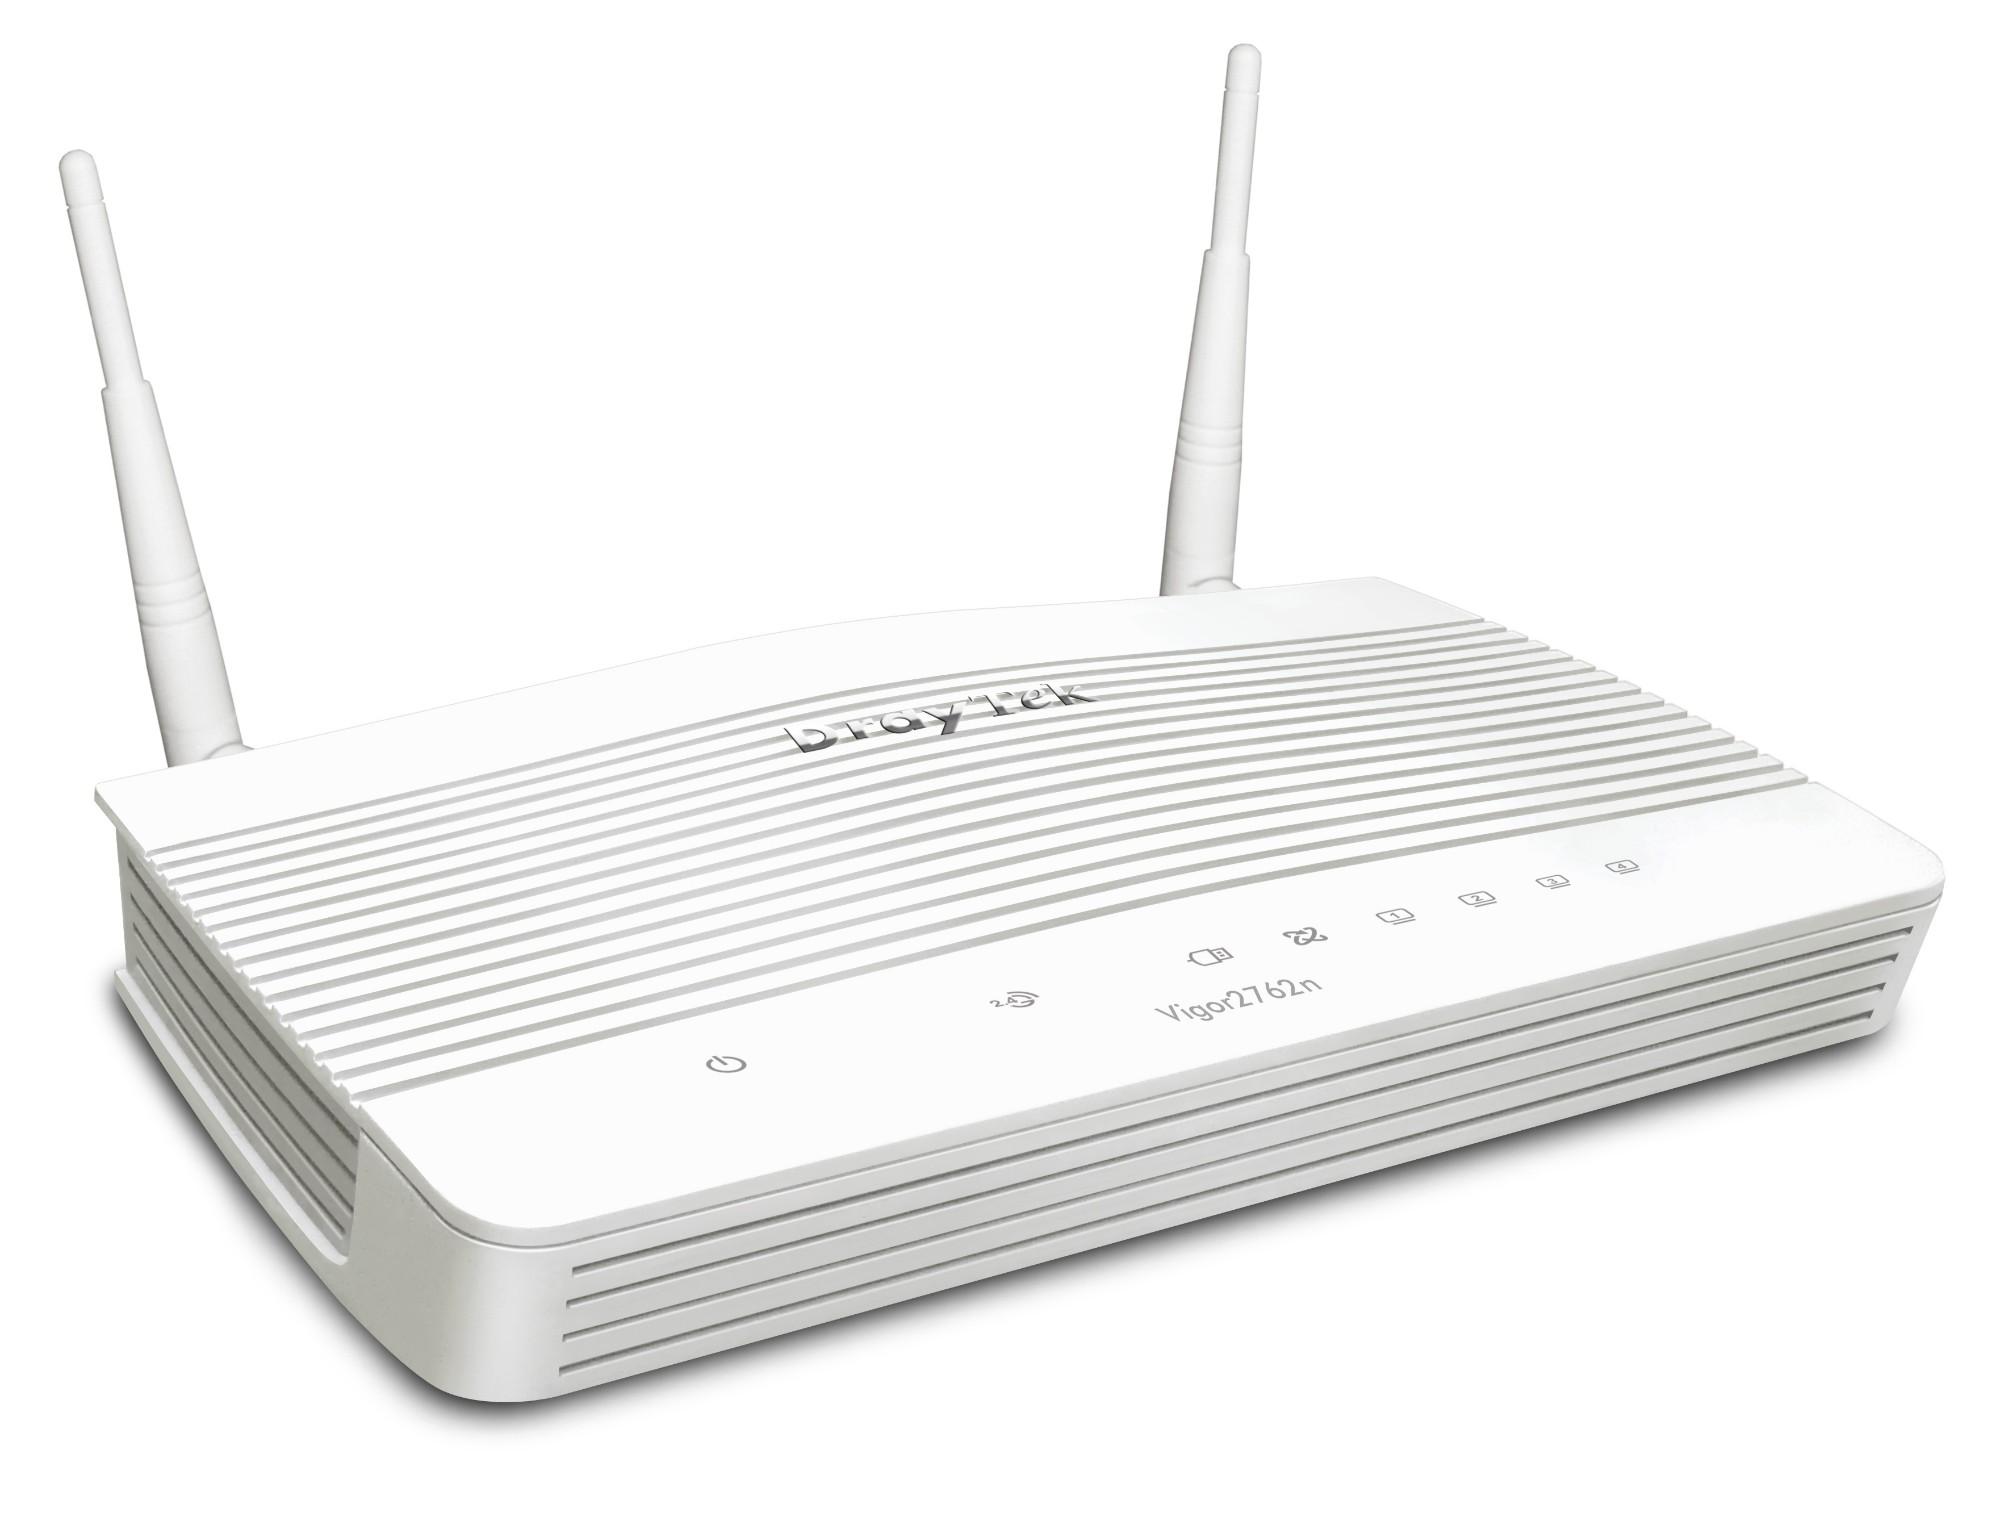 Draytek SoHo Router firewall for ADSL, VDSL or Ethernet WAN with WiFi 802.11n